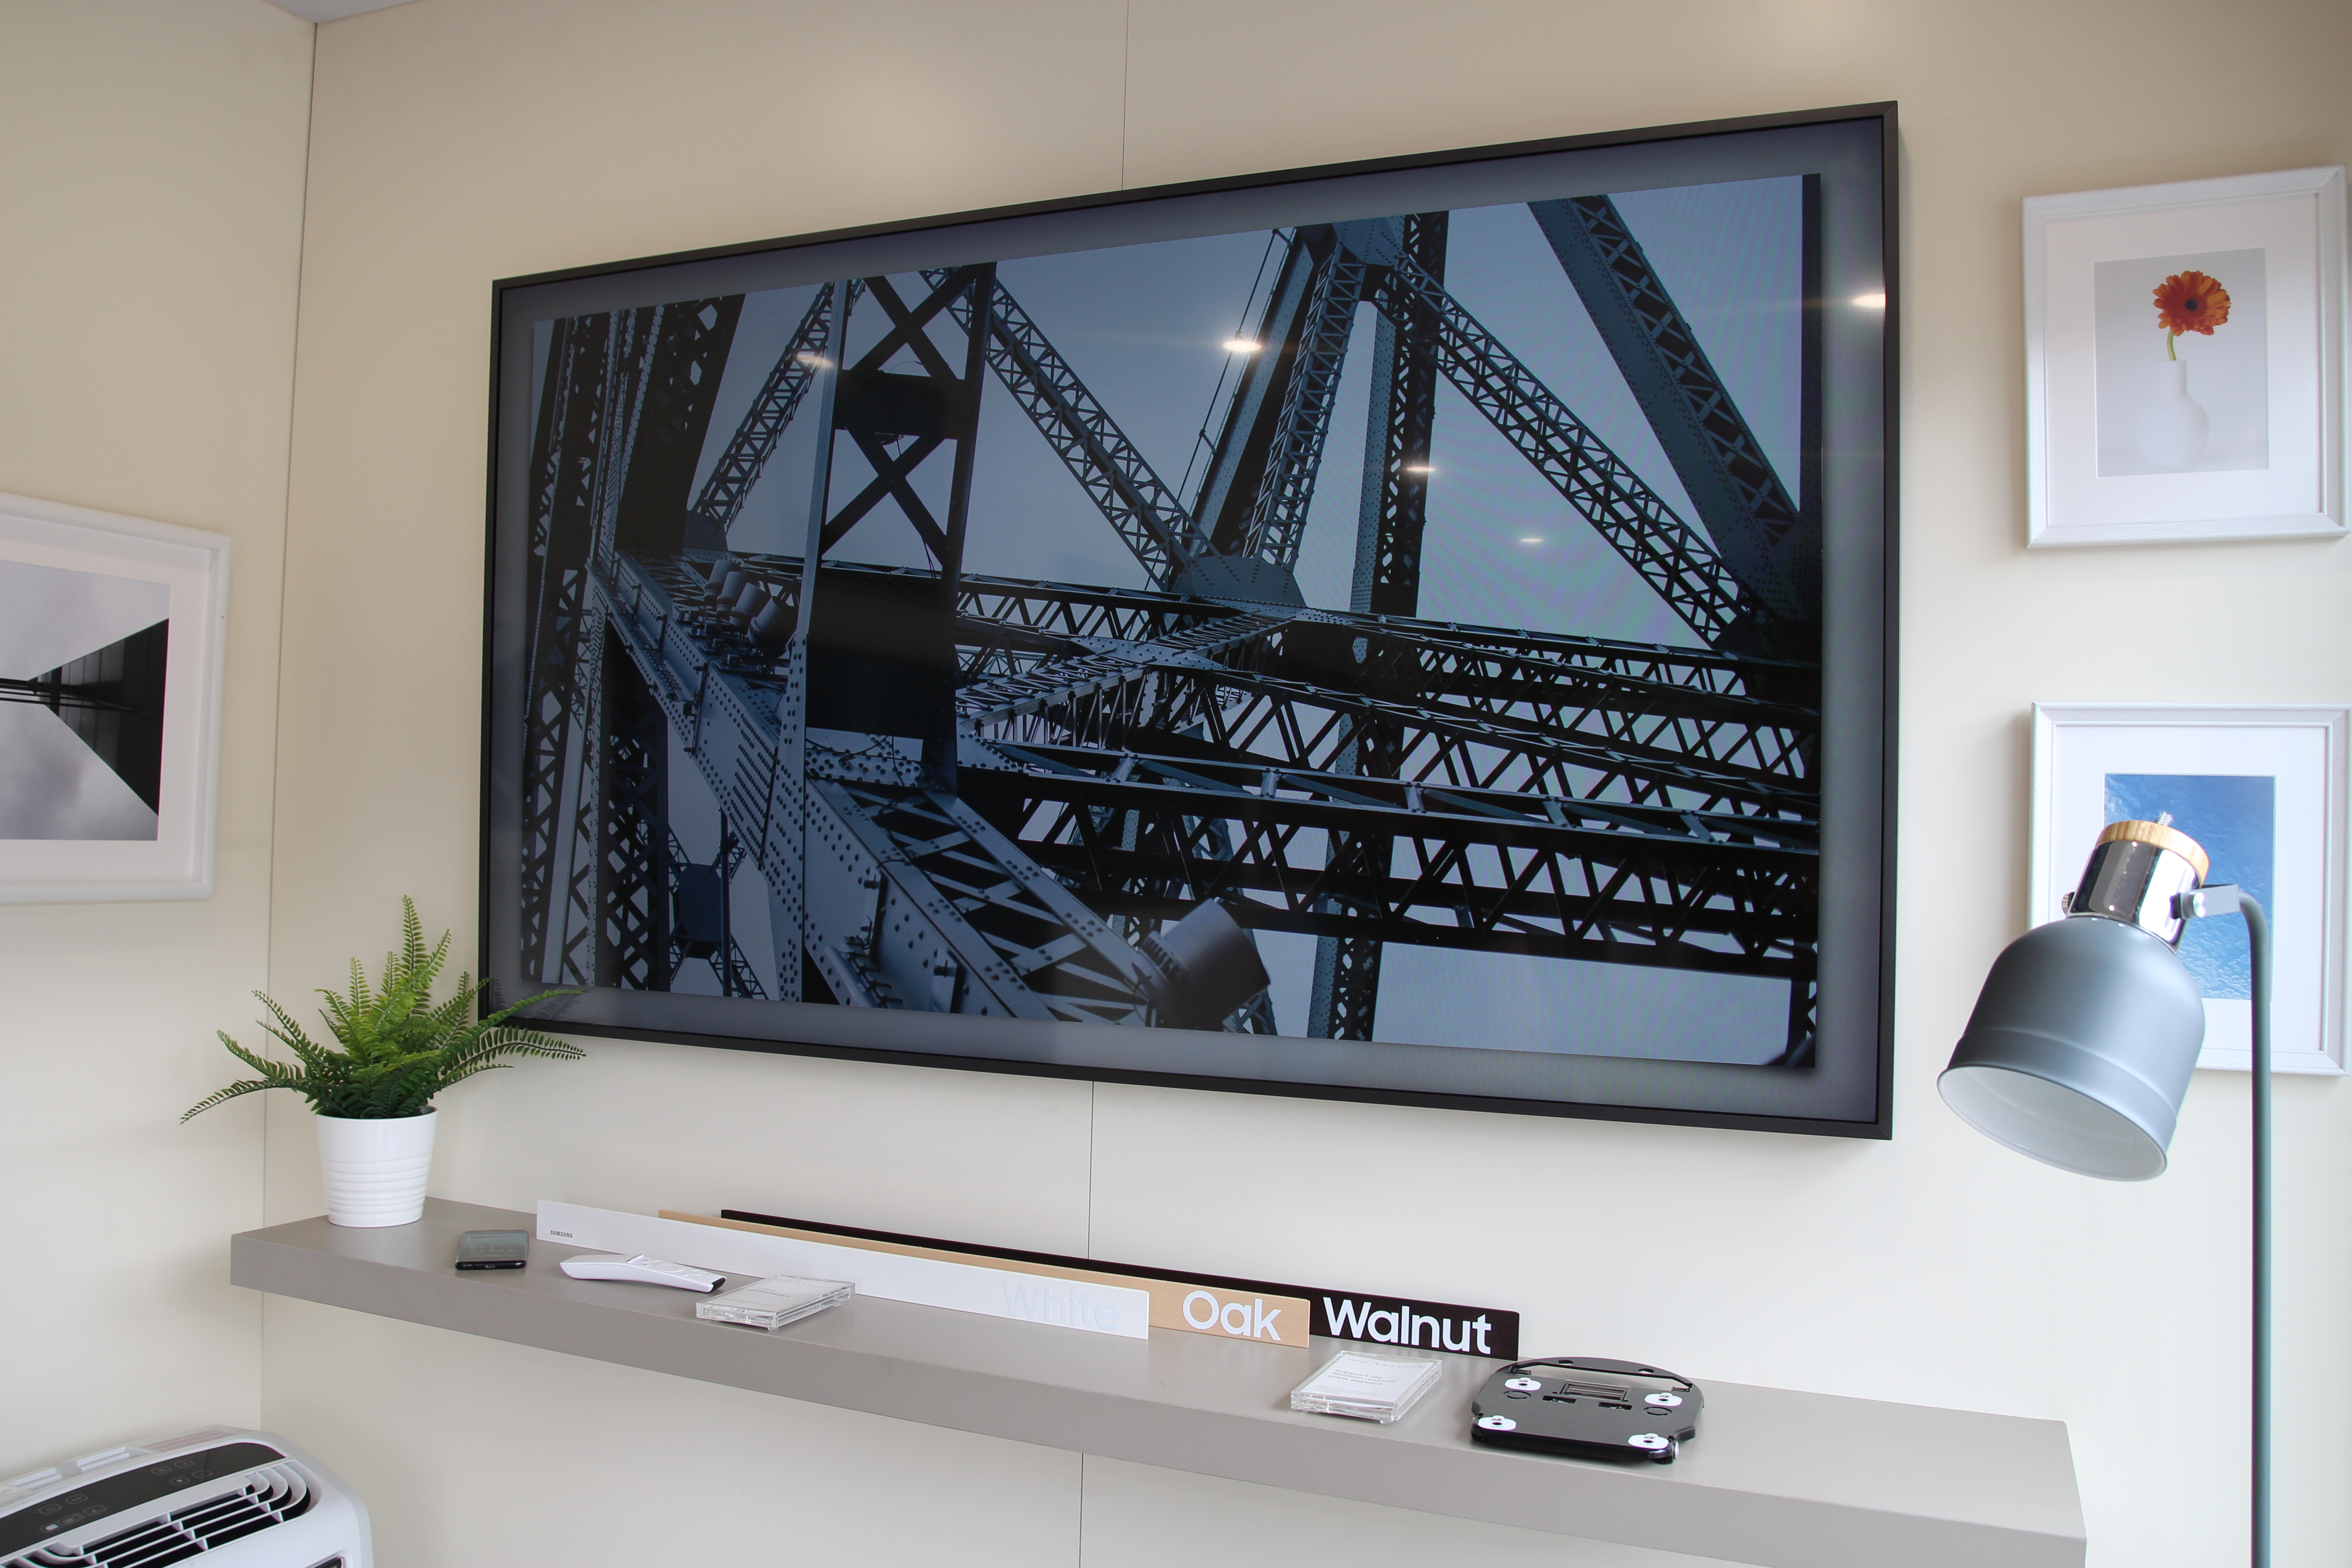 lancement montr alais du t l viseur samsung le cadre avec alexandre champagne. Black Bedroom Furniture Sets. Home Design Ideas